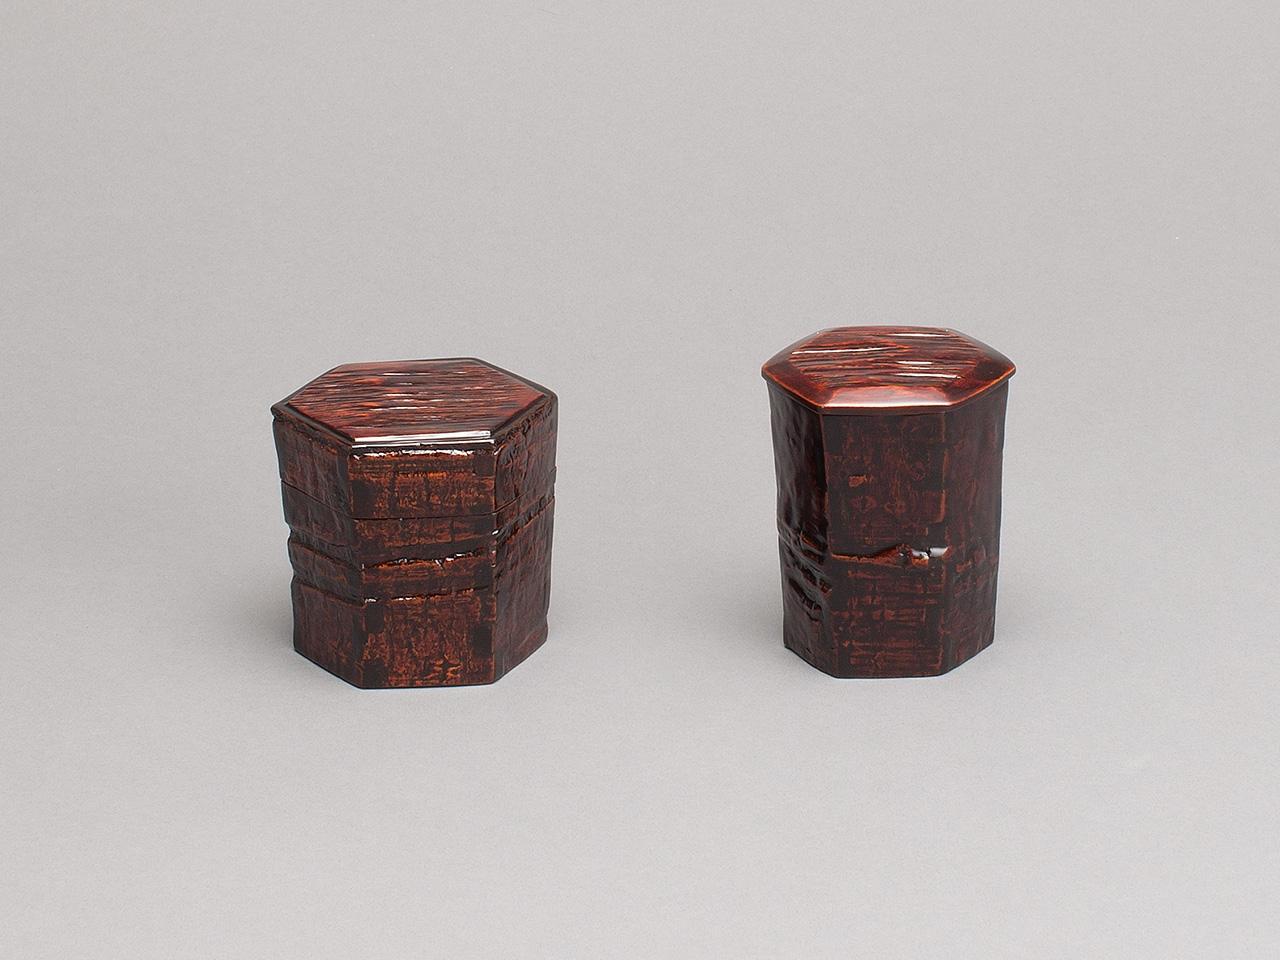 木皮組 茶器 / 木皮組 金輪寺茶器